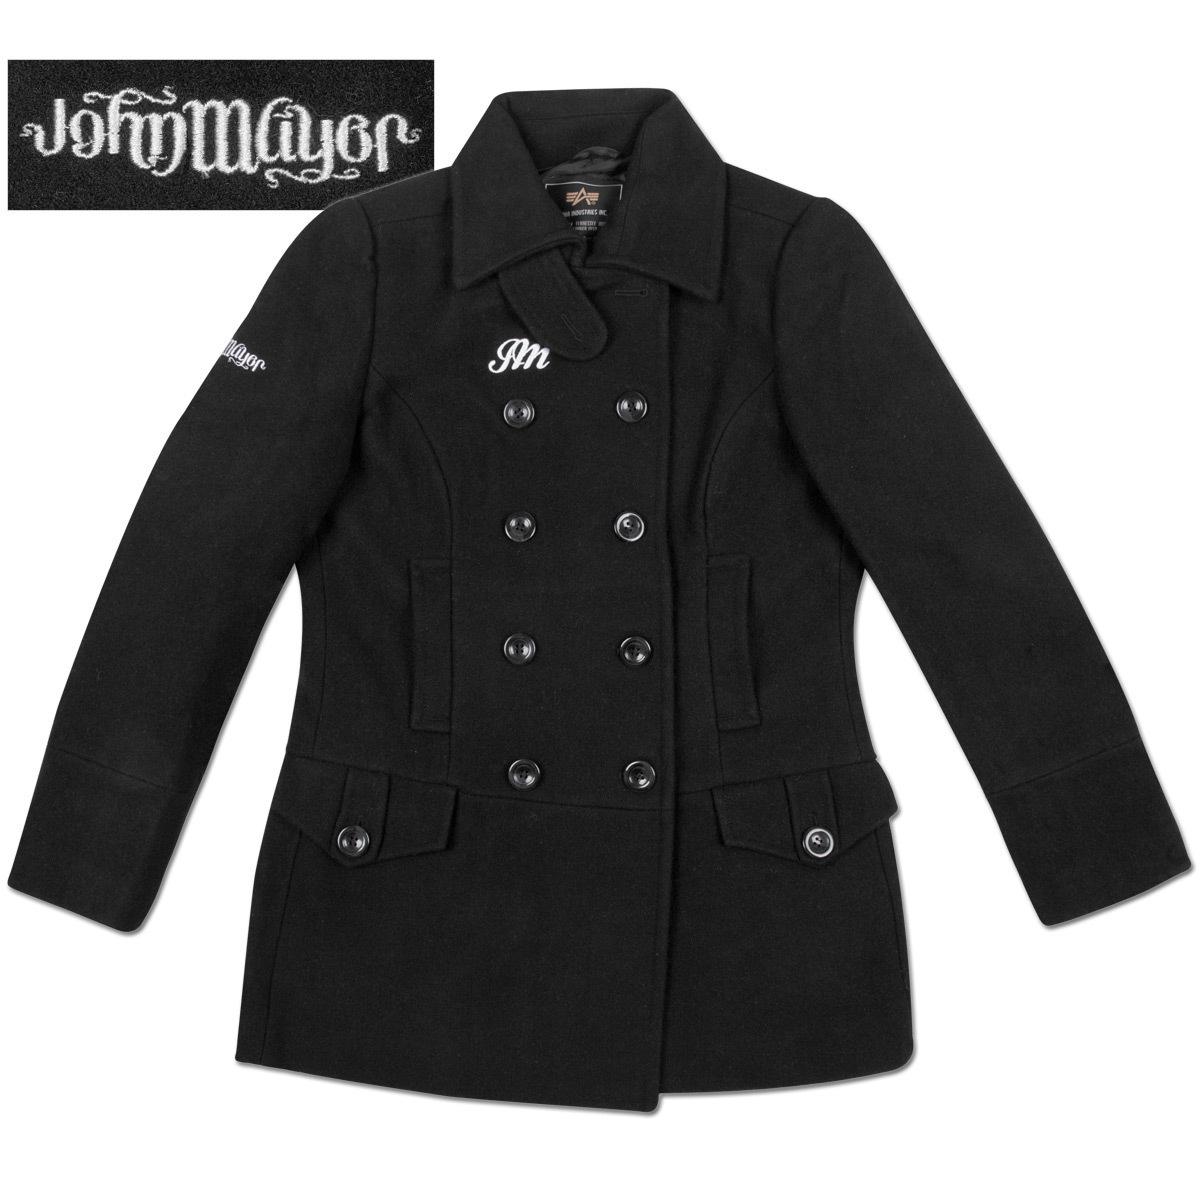 John Mayer Ladies Ambigram Peacoat